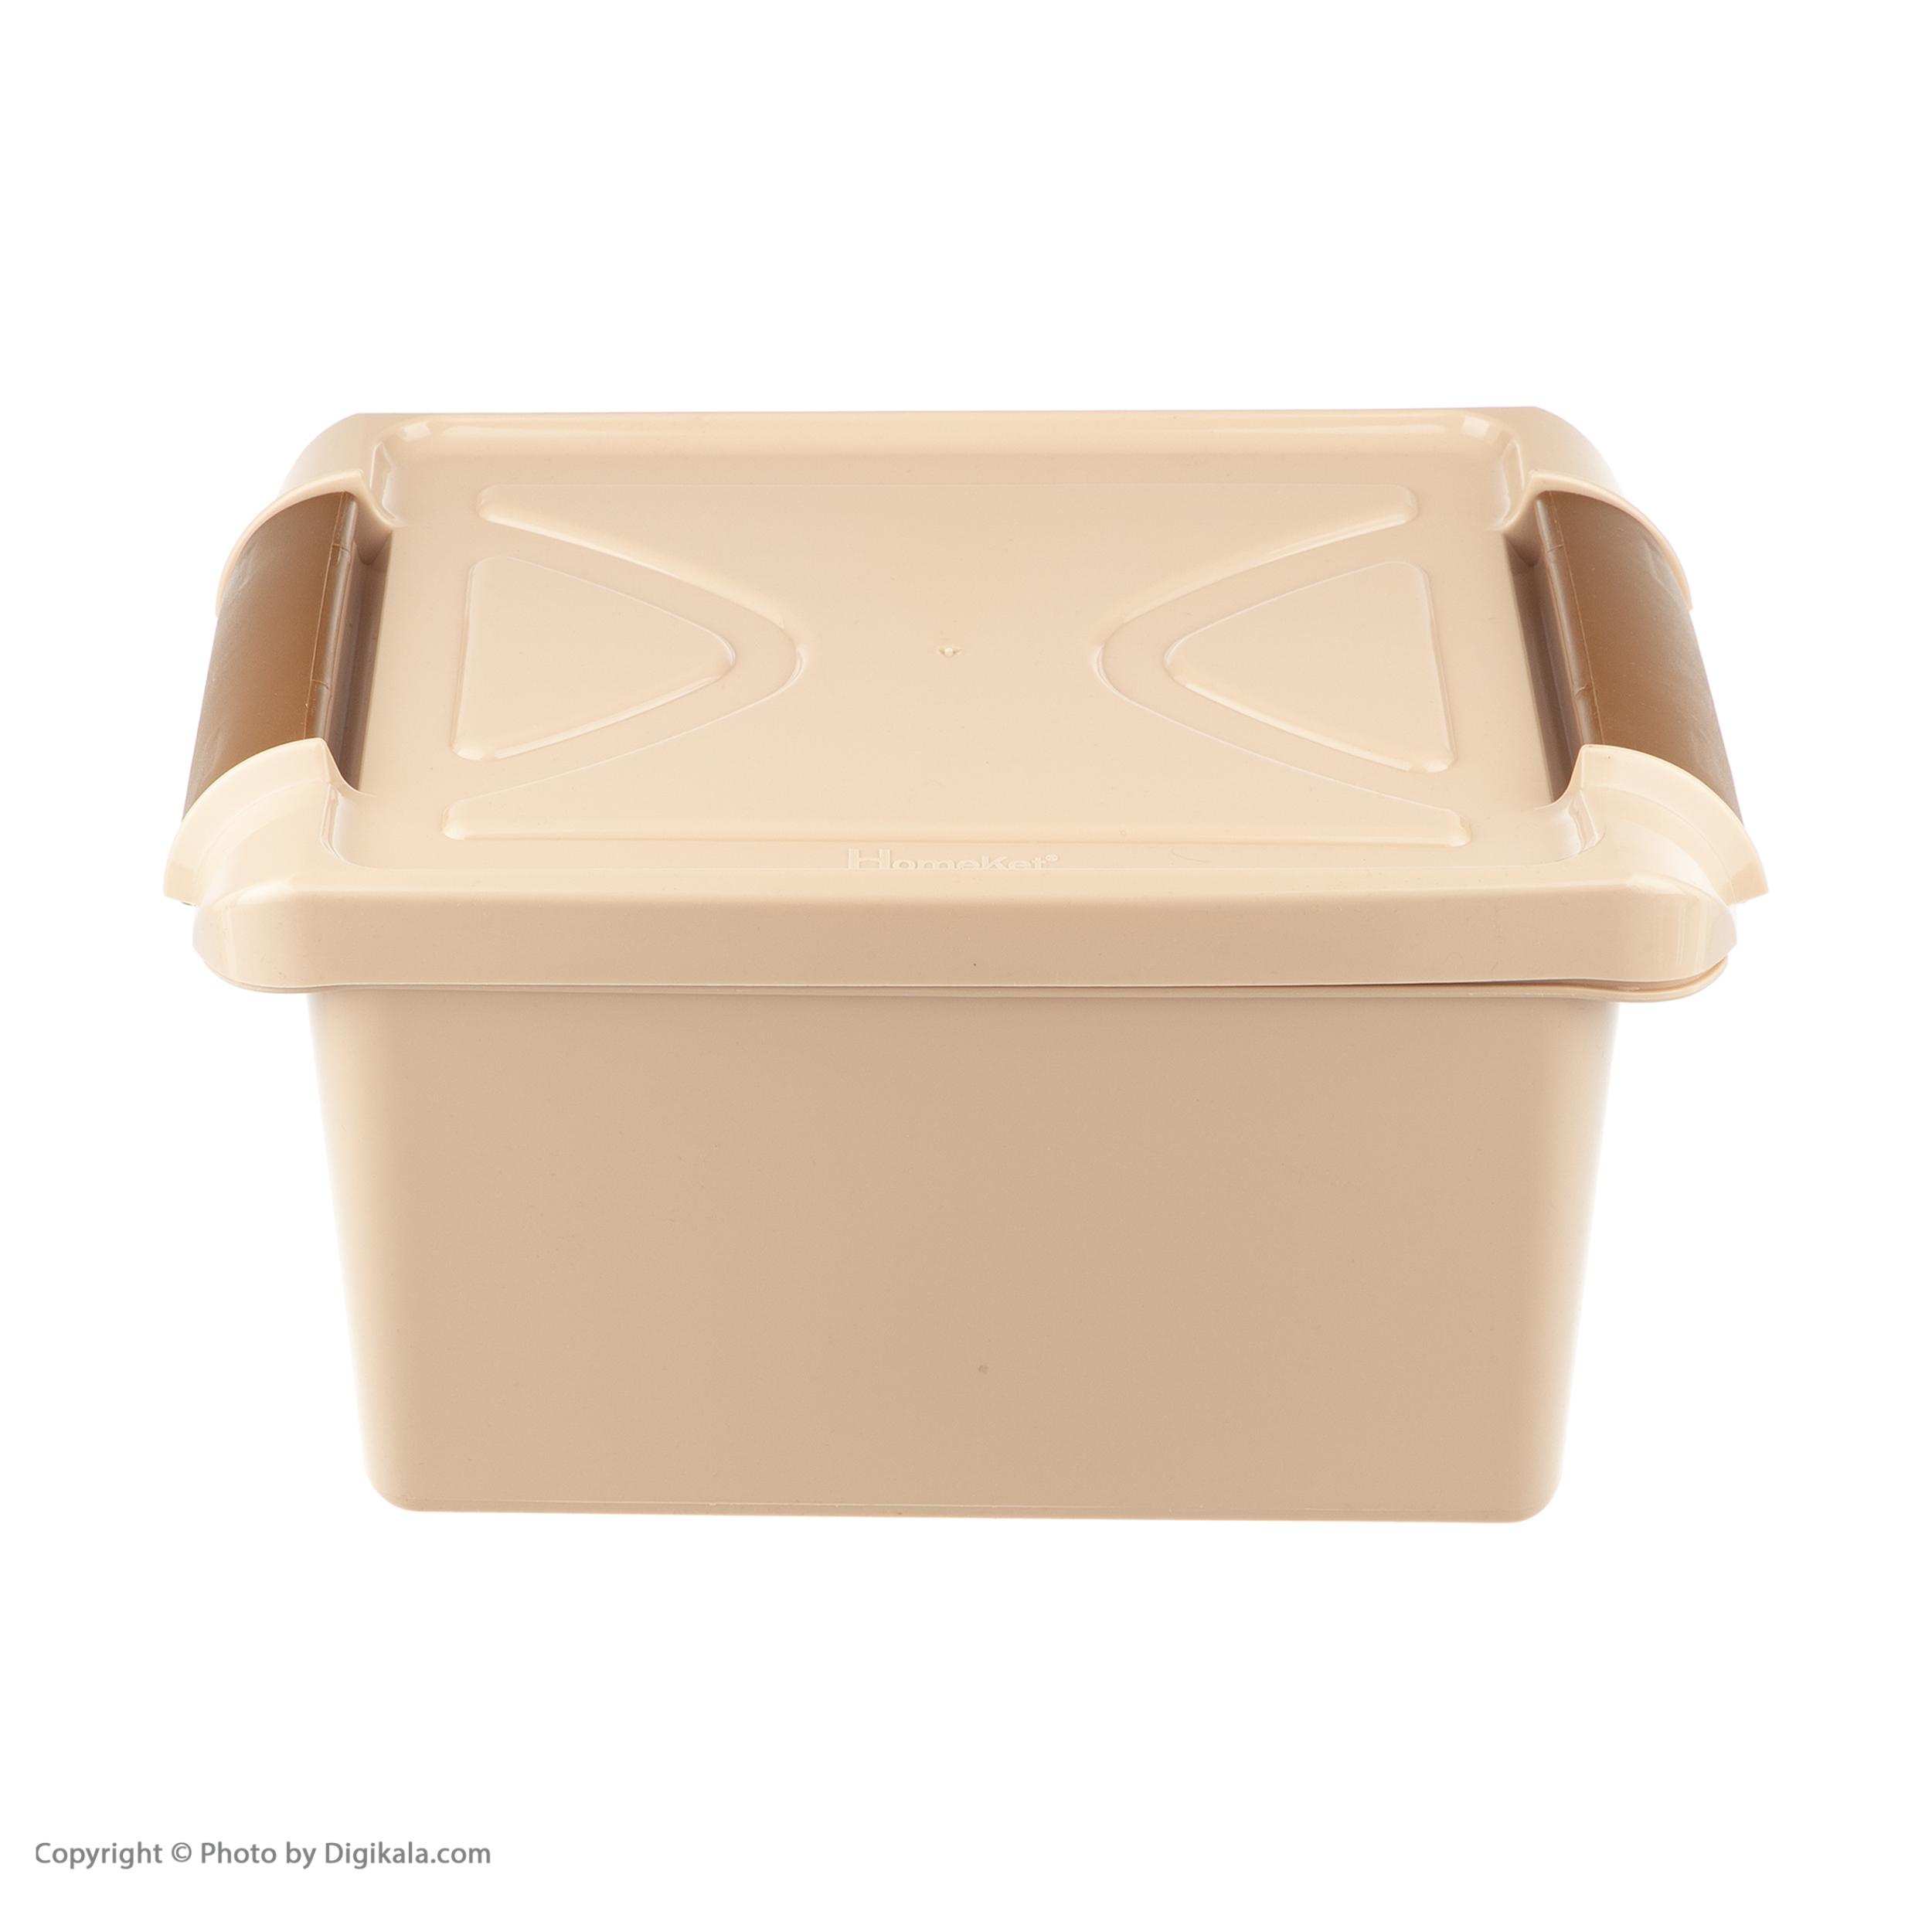 ظرف نان هوم کت مدل Lock03 main 1 1